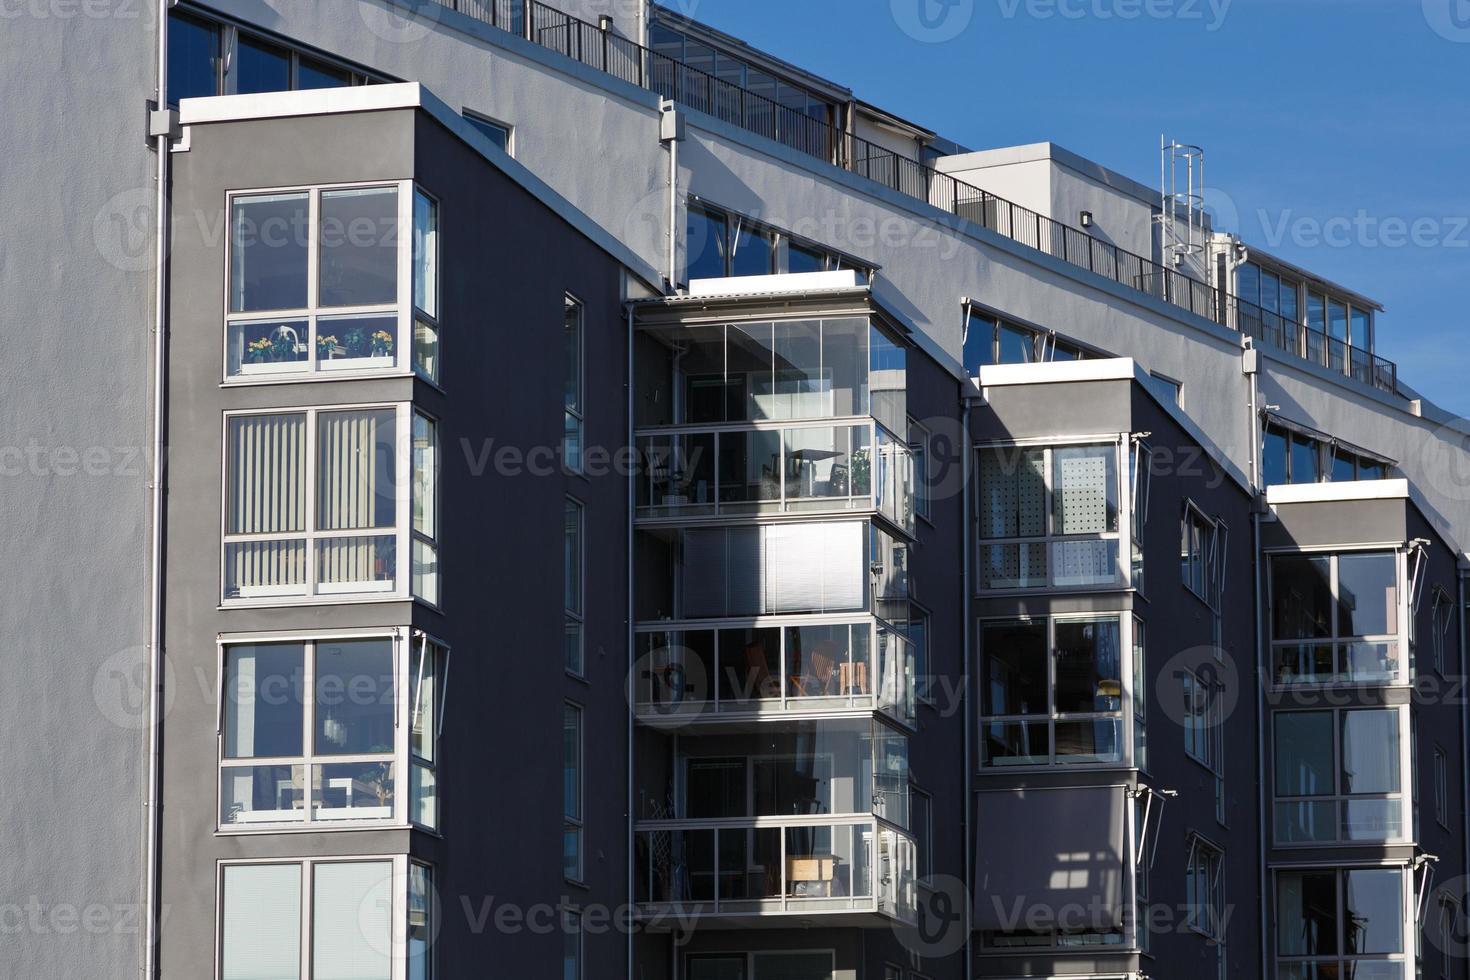 appartement moderne dans la ville de vasteras, en suède. photo